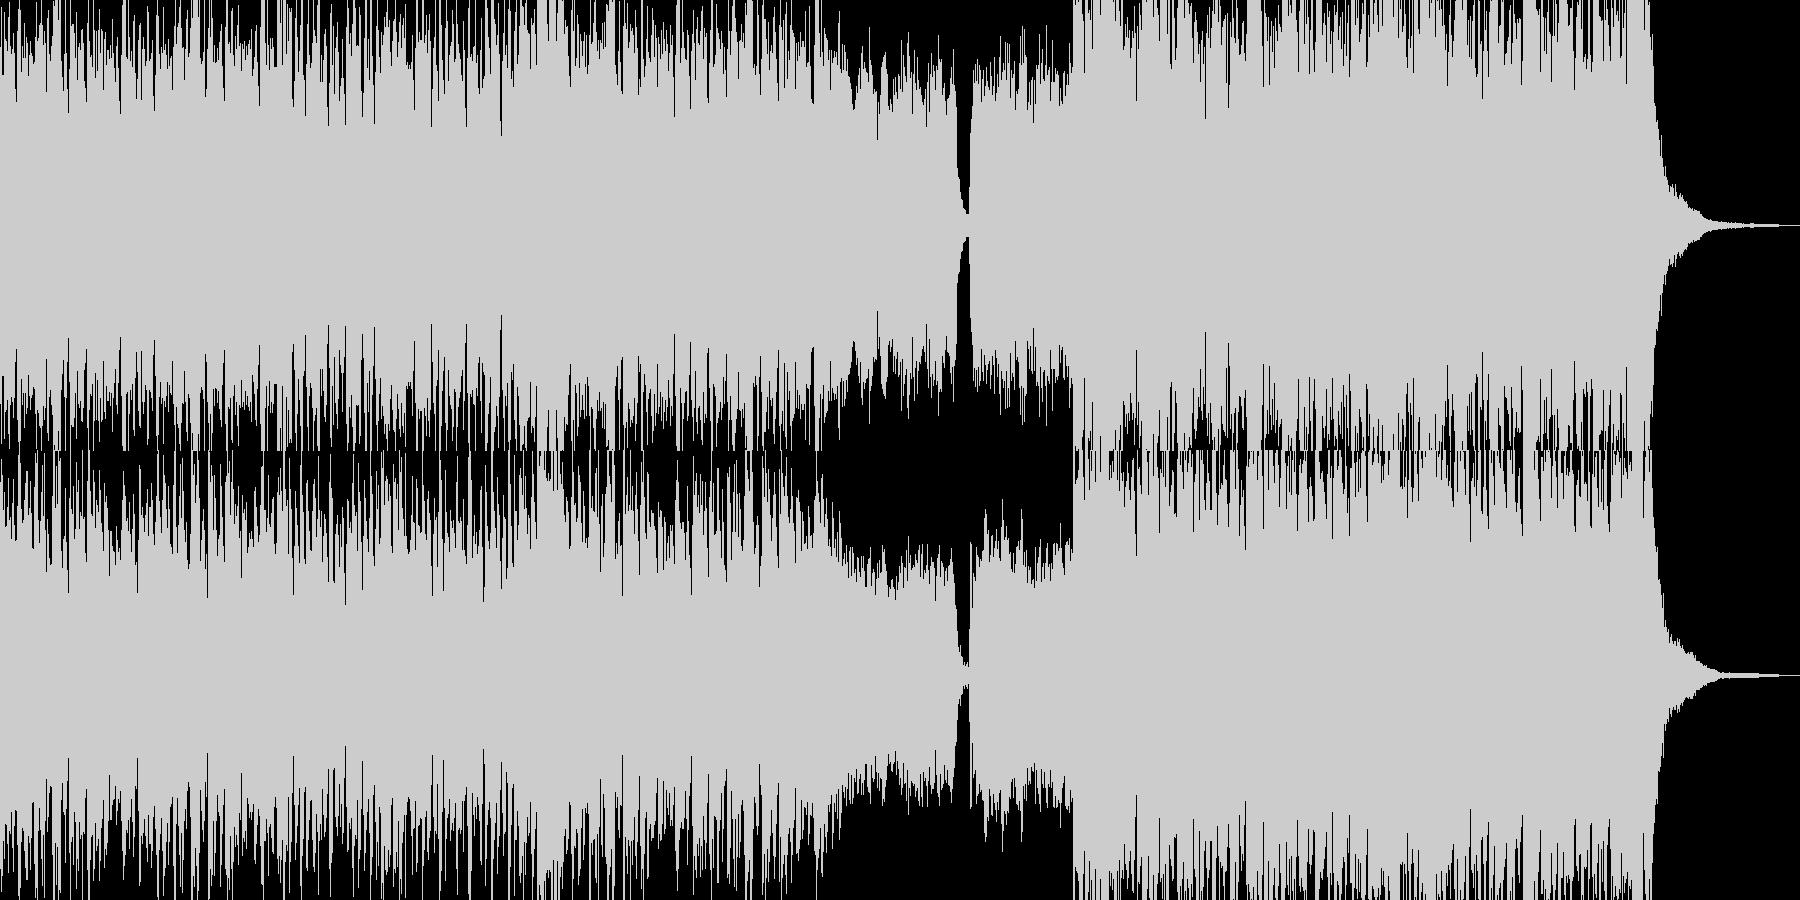 ゴージャスな雰囲気漂う日常BGMの未再生の波形